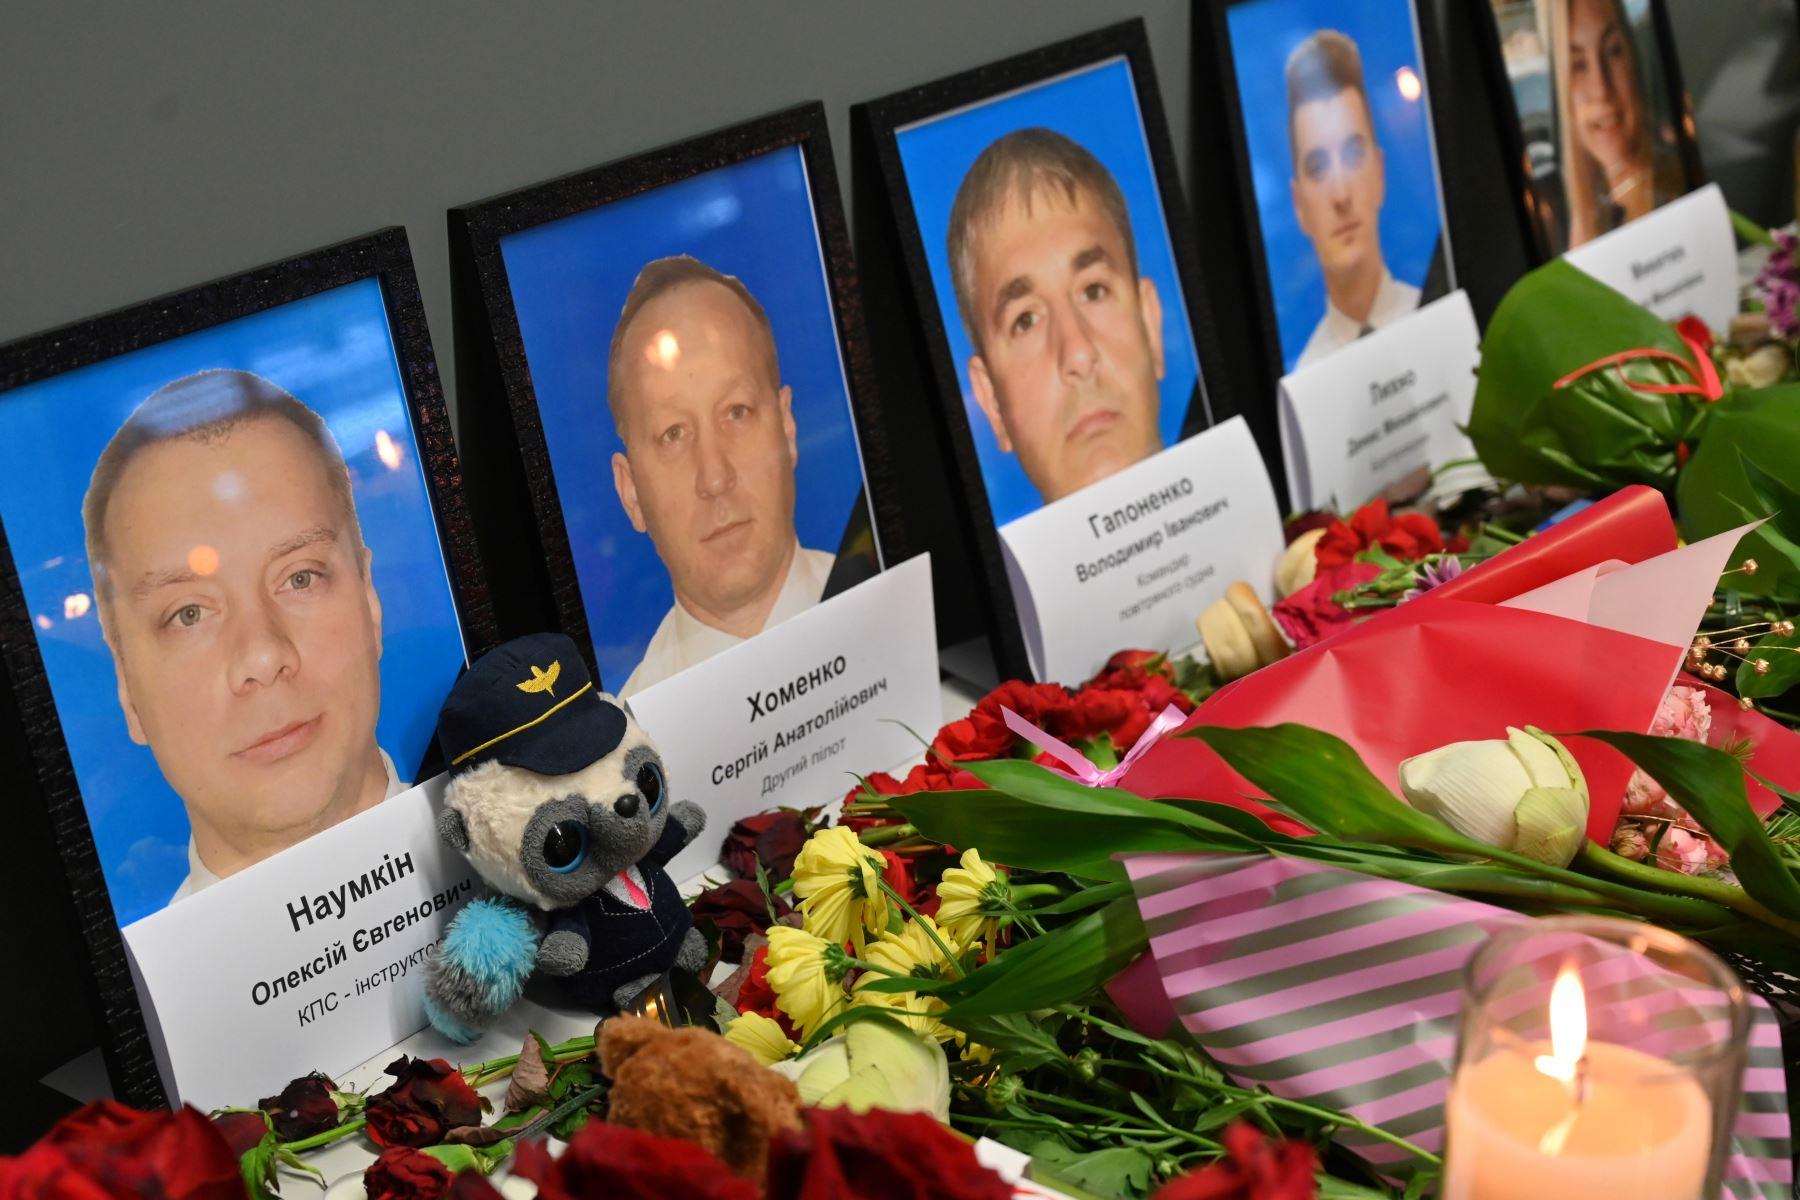 Imágenes de miembros de la tripulación fallecidos exhibidos en un monumento improvisado para las víctimas del Boeing 737-800 de Ukraine International Airlines que se estrelló cerca de la capital iraní, Teherán. Foto: AFP